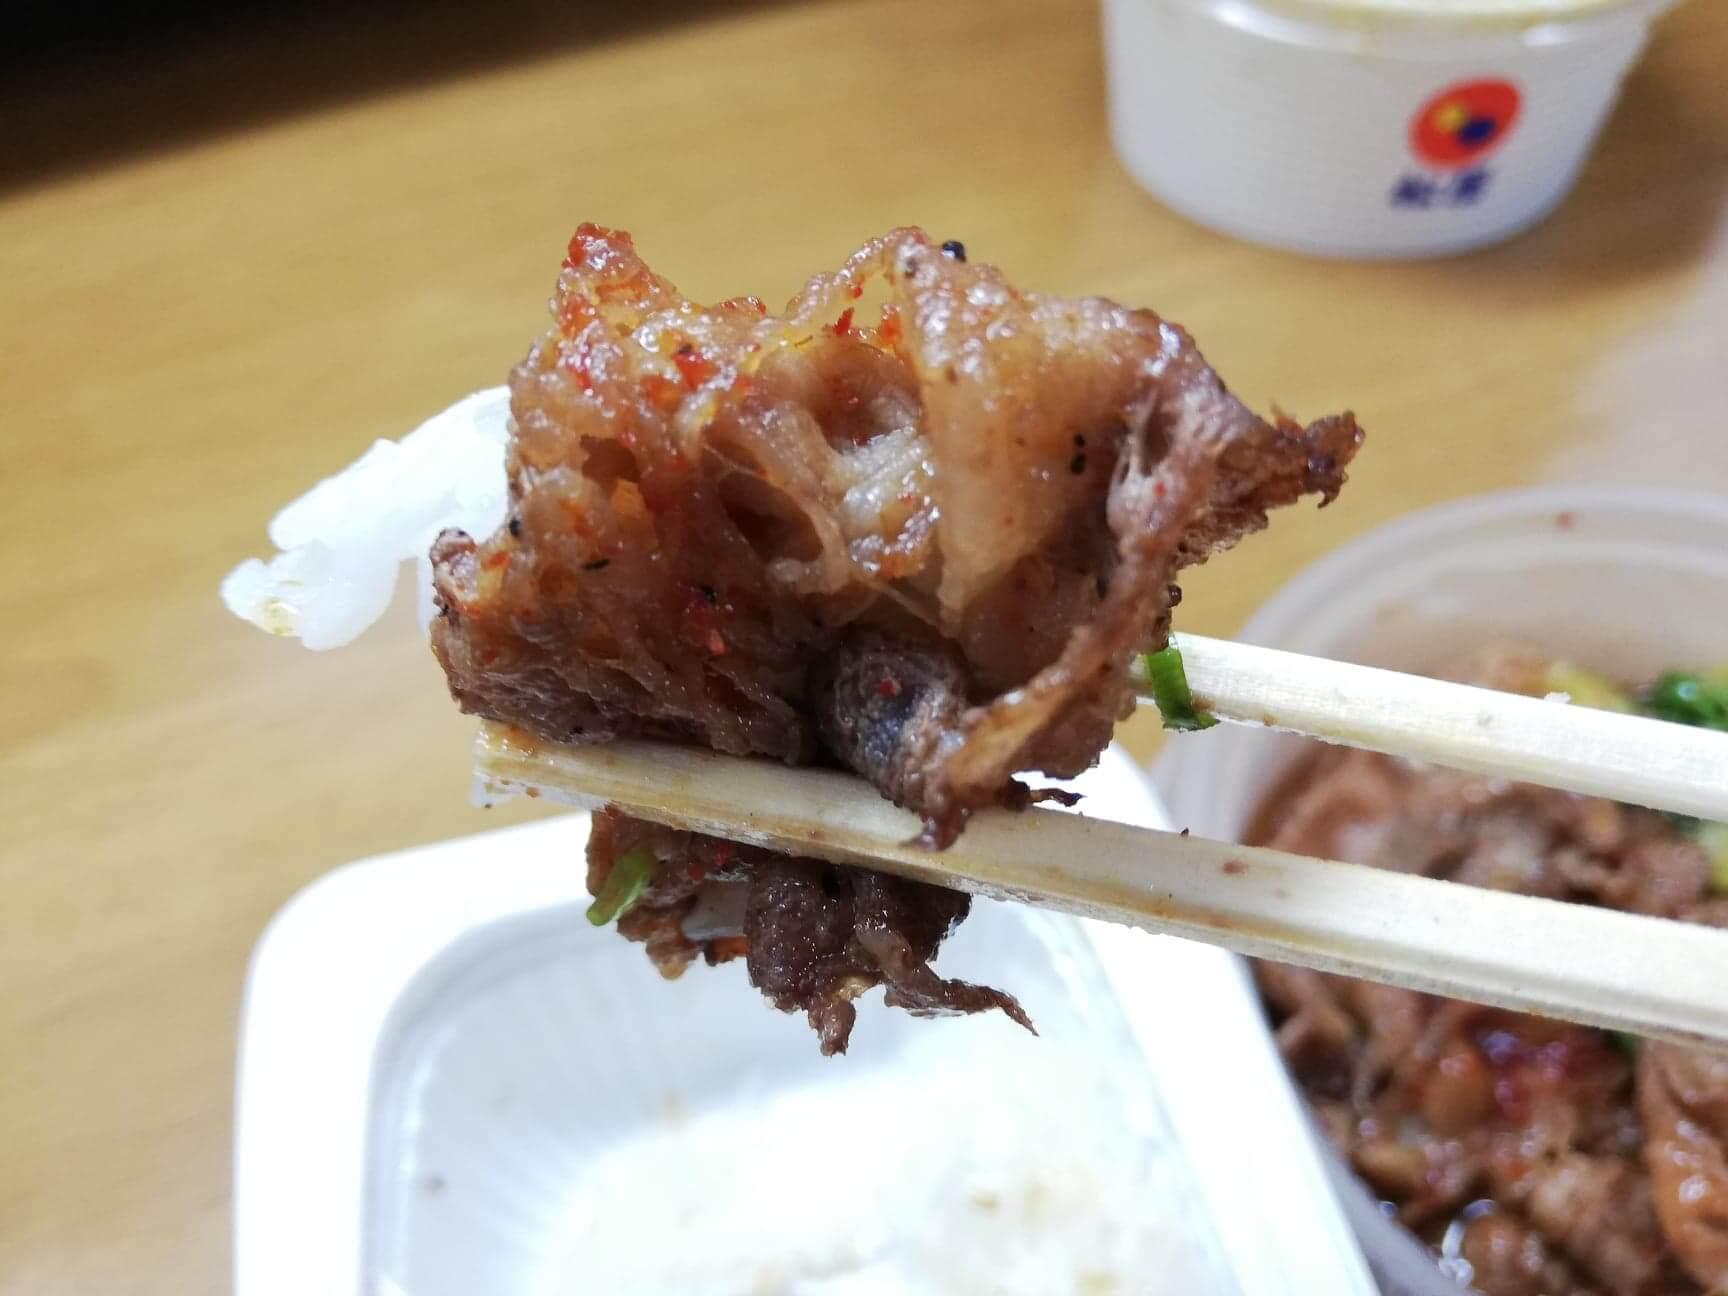 松屋のテイクアウト限定『おかずトリオ』のお肉たっぷり焼き牛めし皿のお肉を、箸で持ち上げている写真